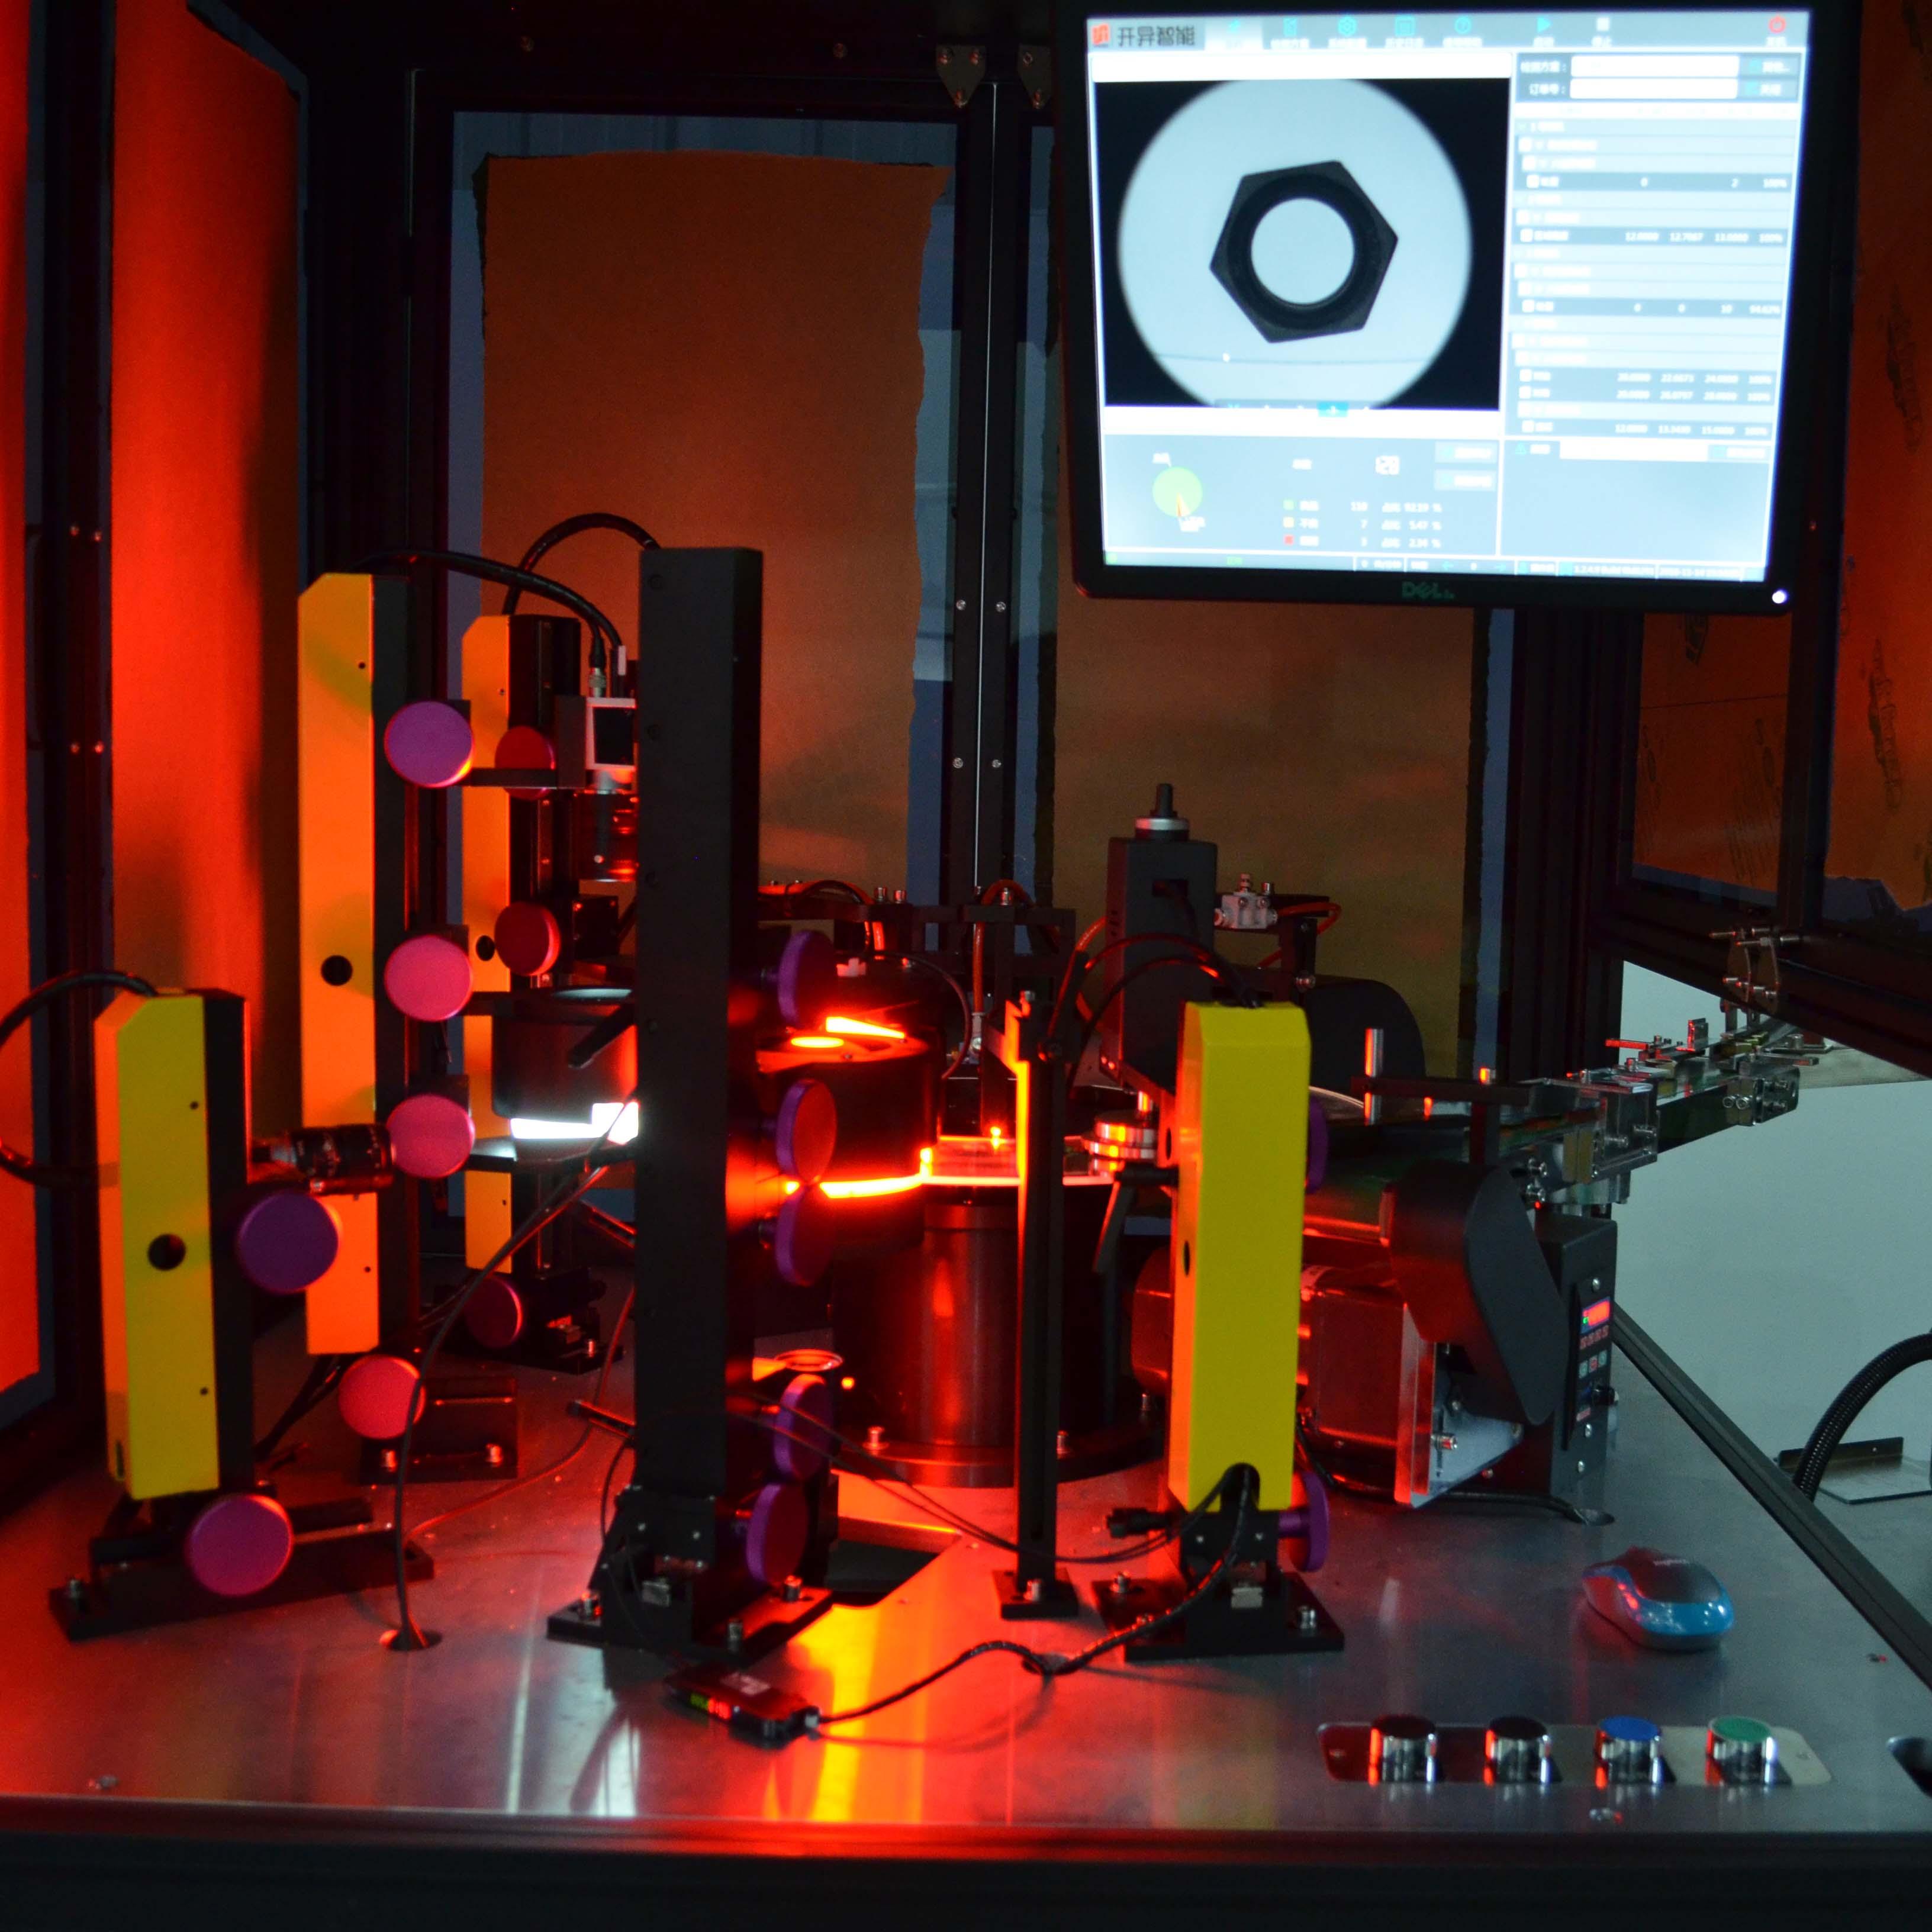 光学影像筛选机.jpg